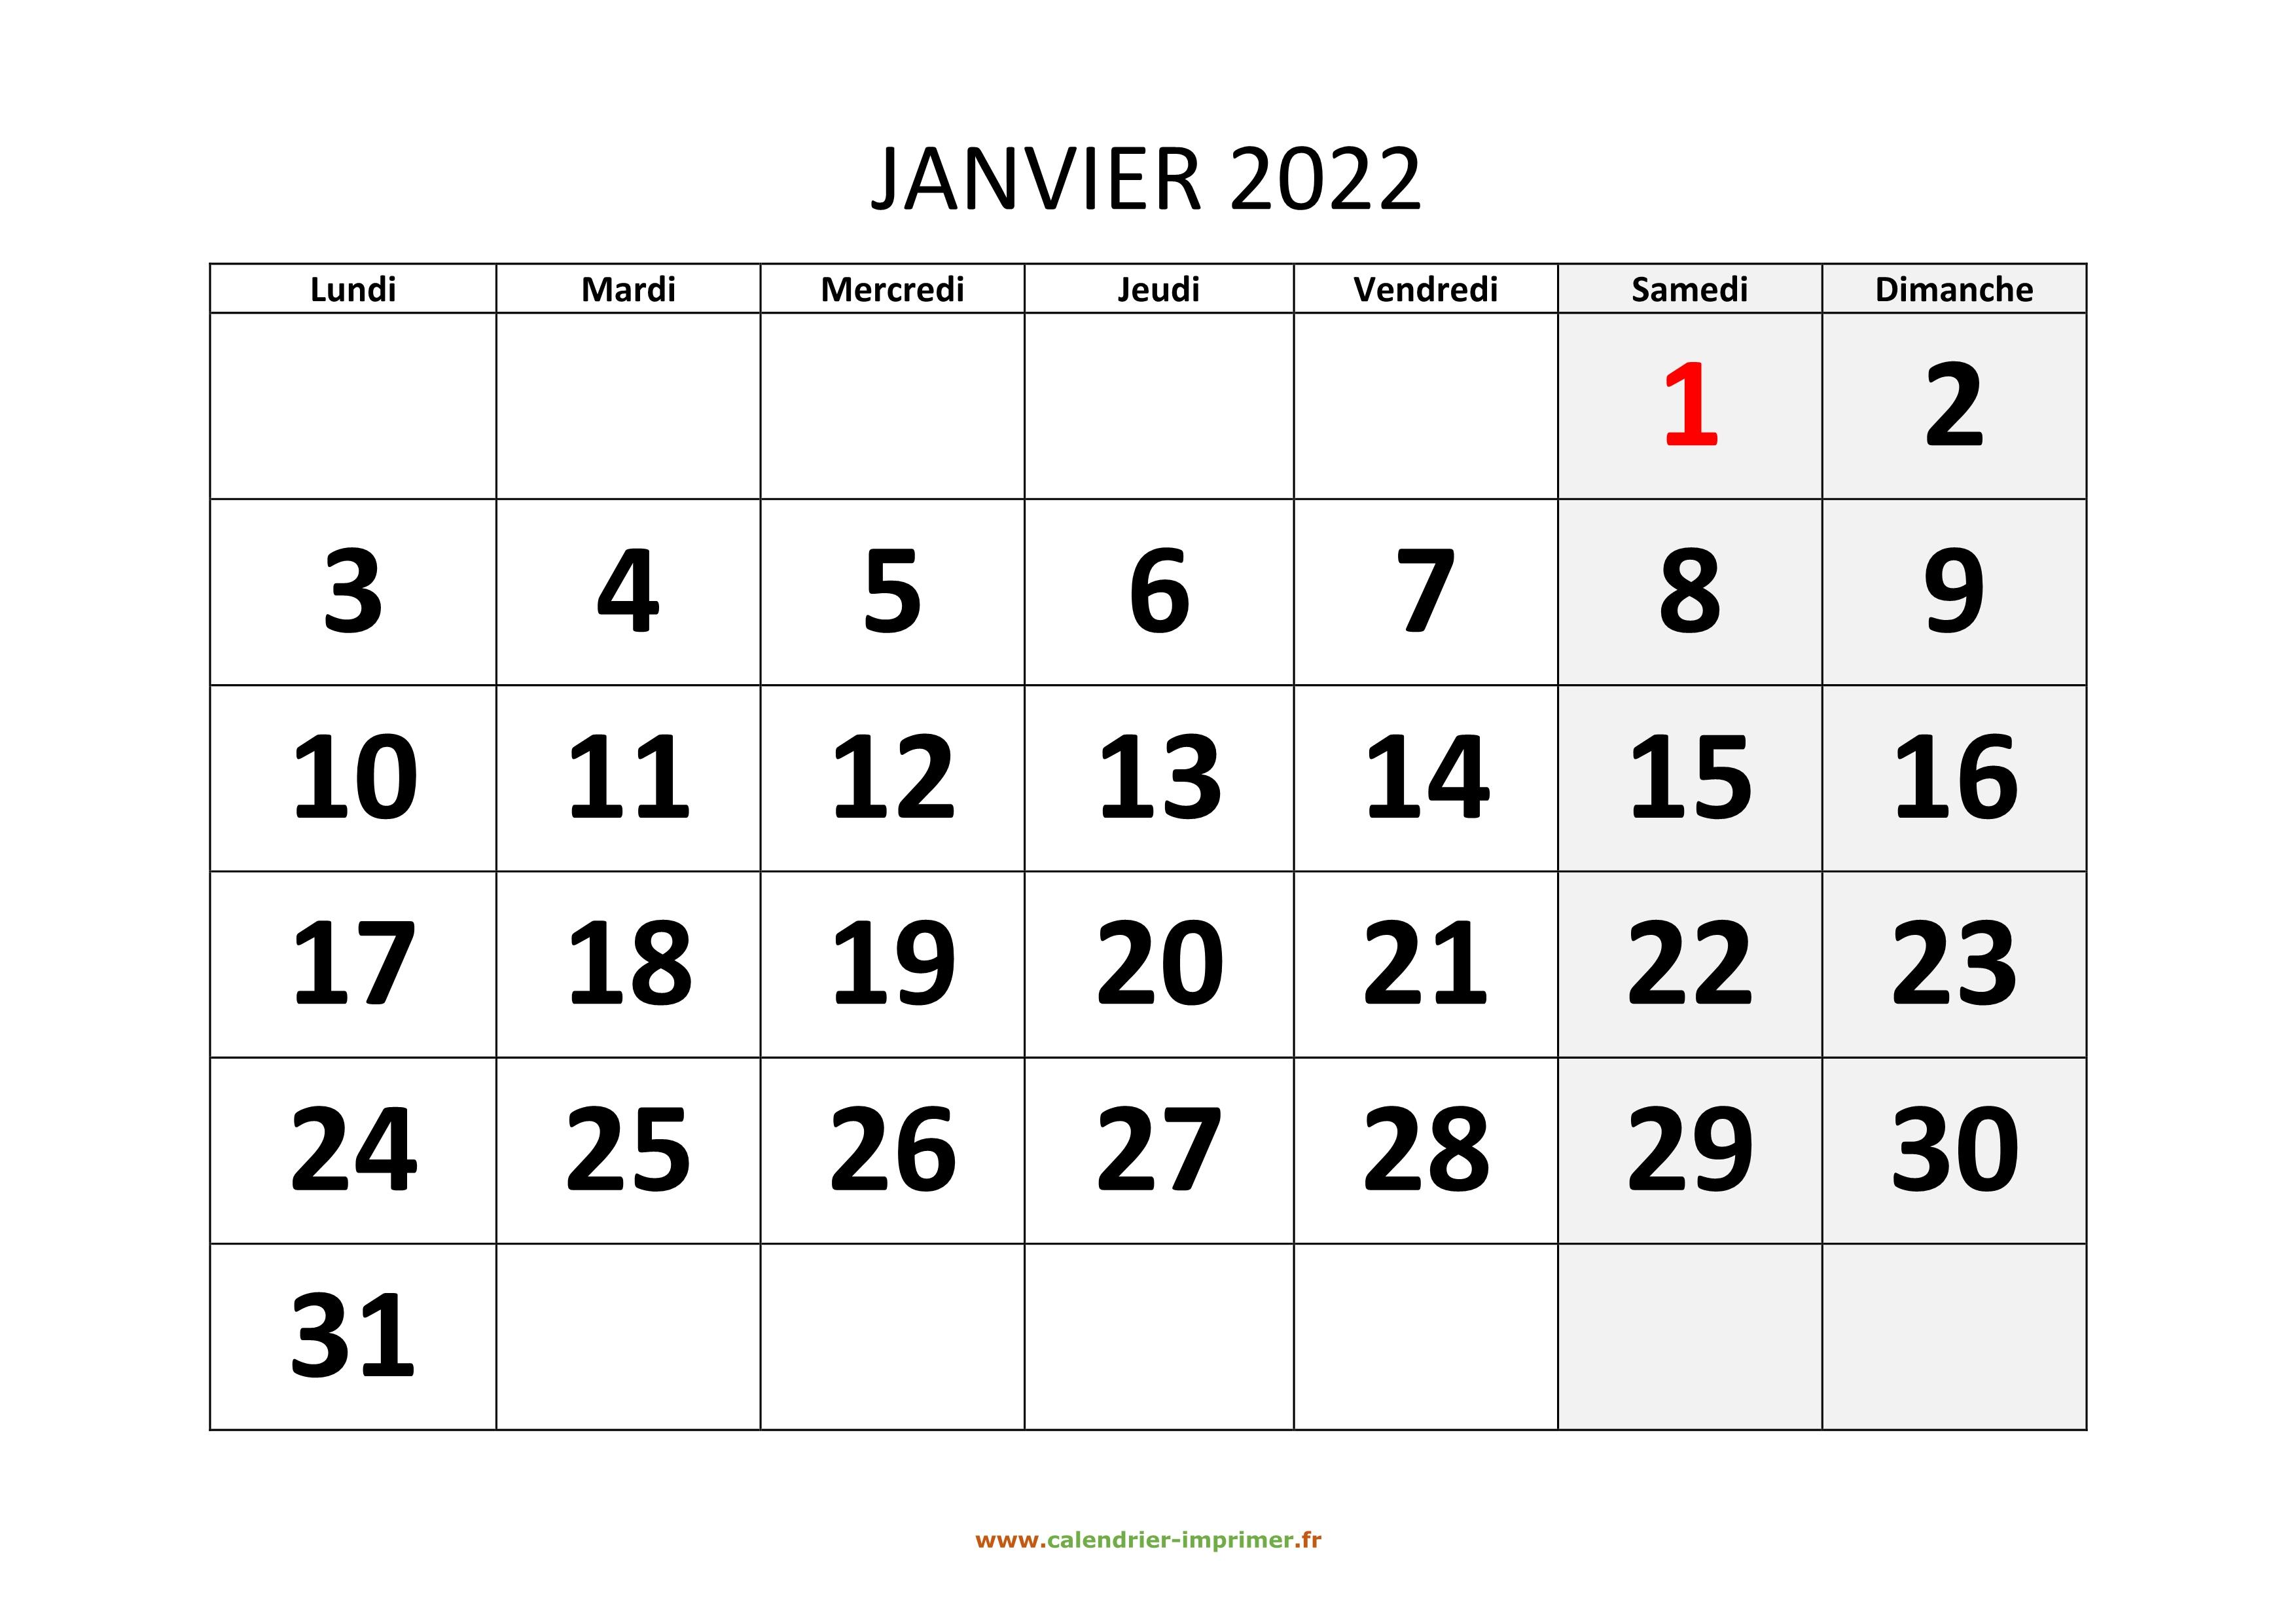 Calendrier Mensuel 2022 Calendrier 2022 à imprimer gratuit